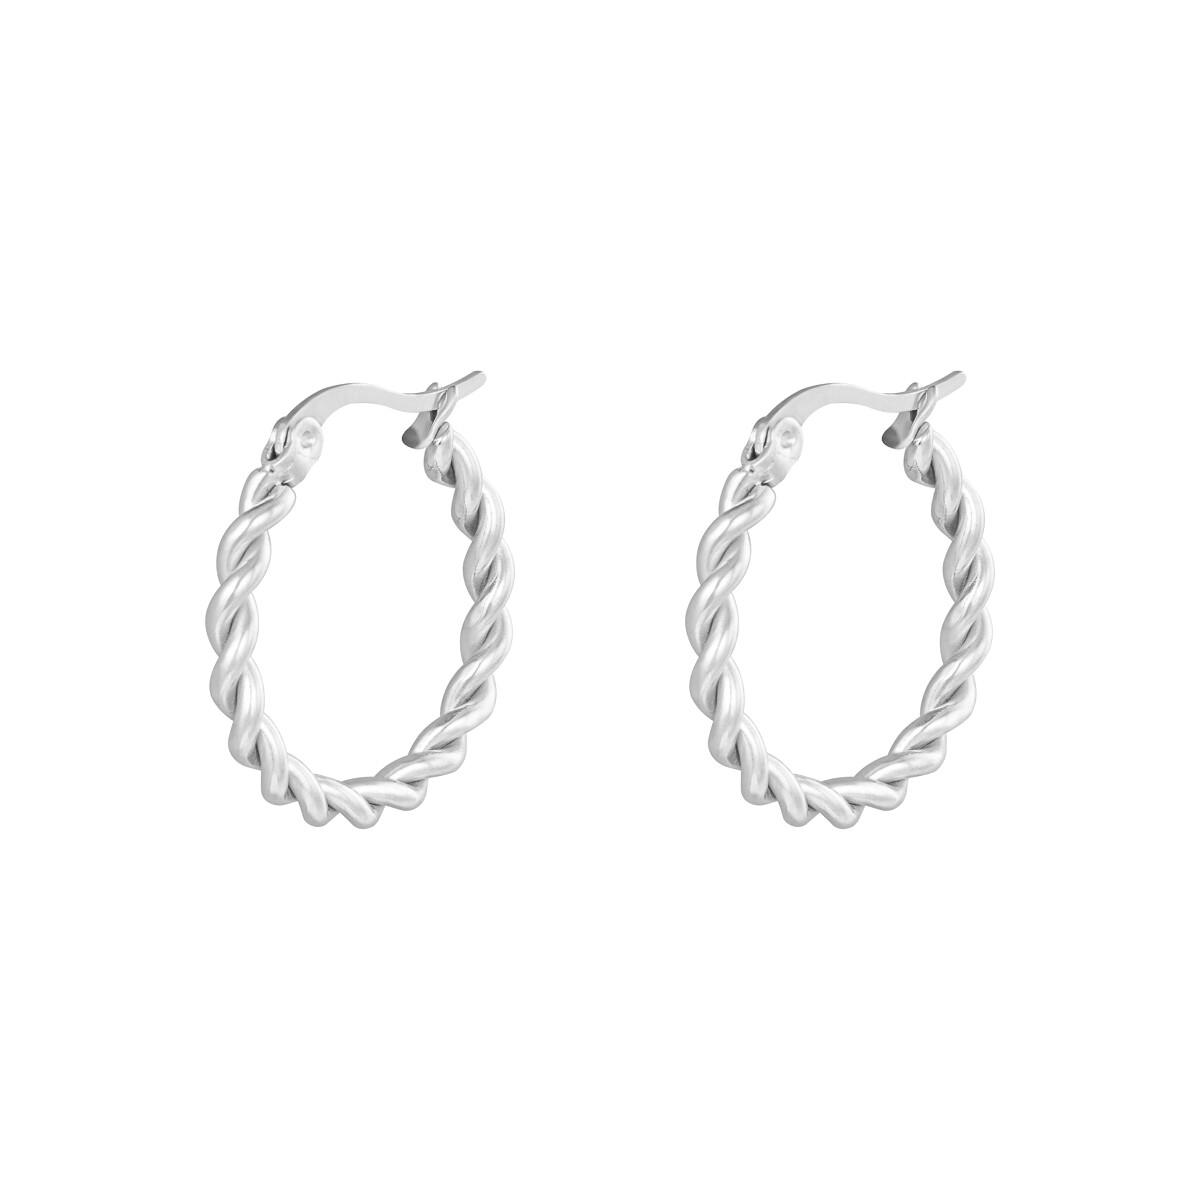 Gedraaide oorringetjes zilver 22mm stainless steel